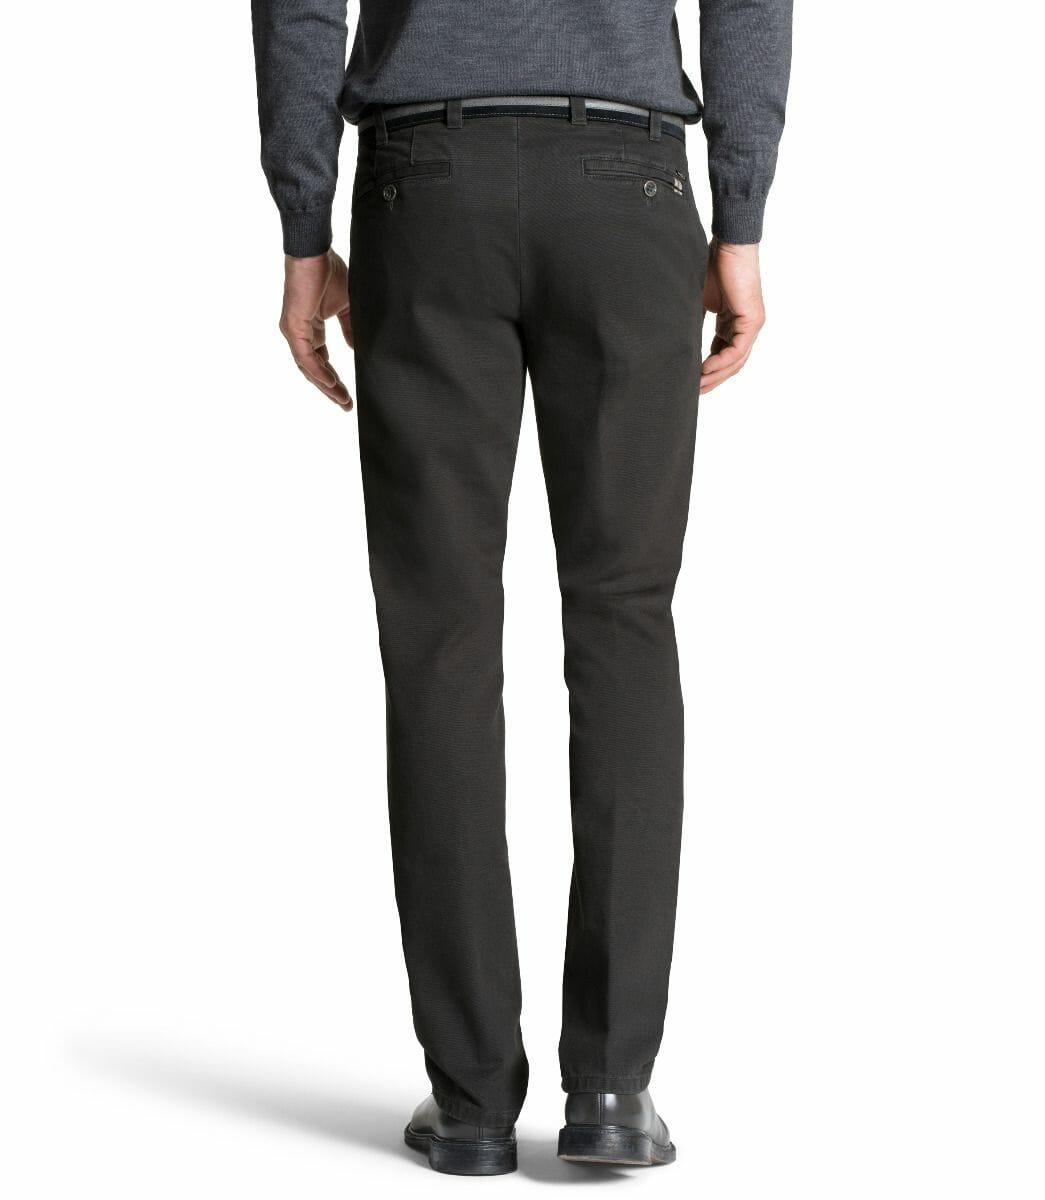 meyer hw17 oslo 5503 08 Rear - - Con Murphys Menswear